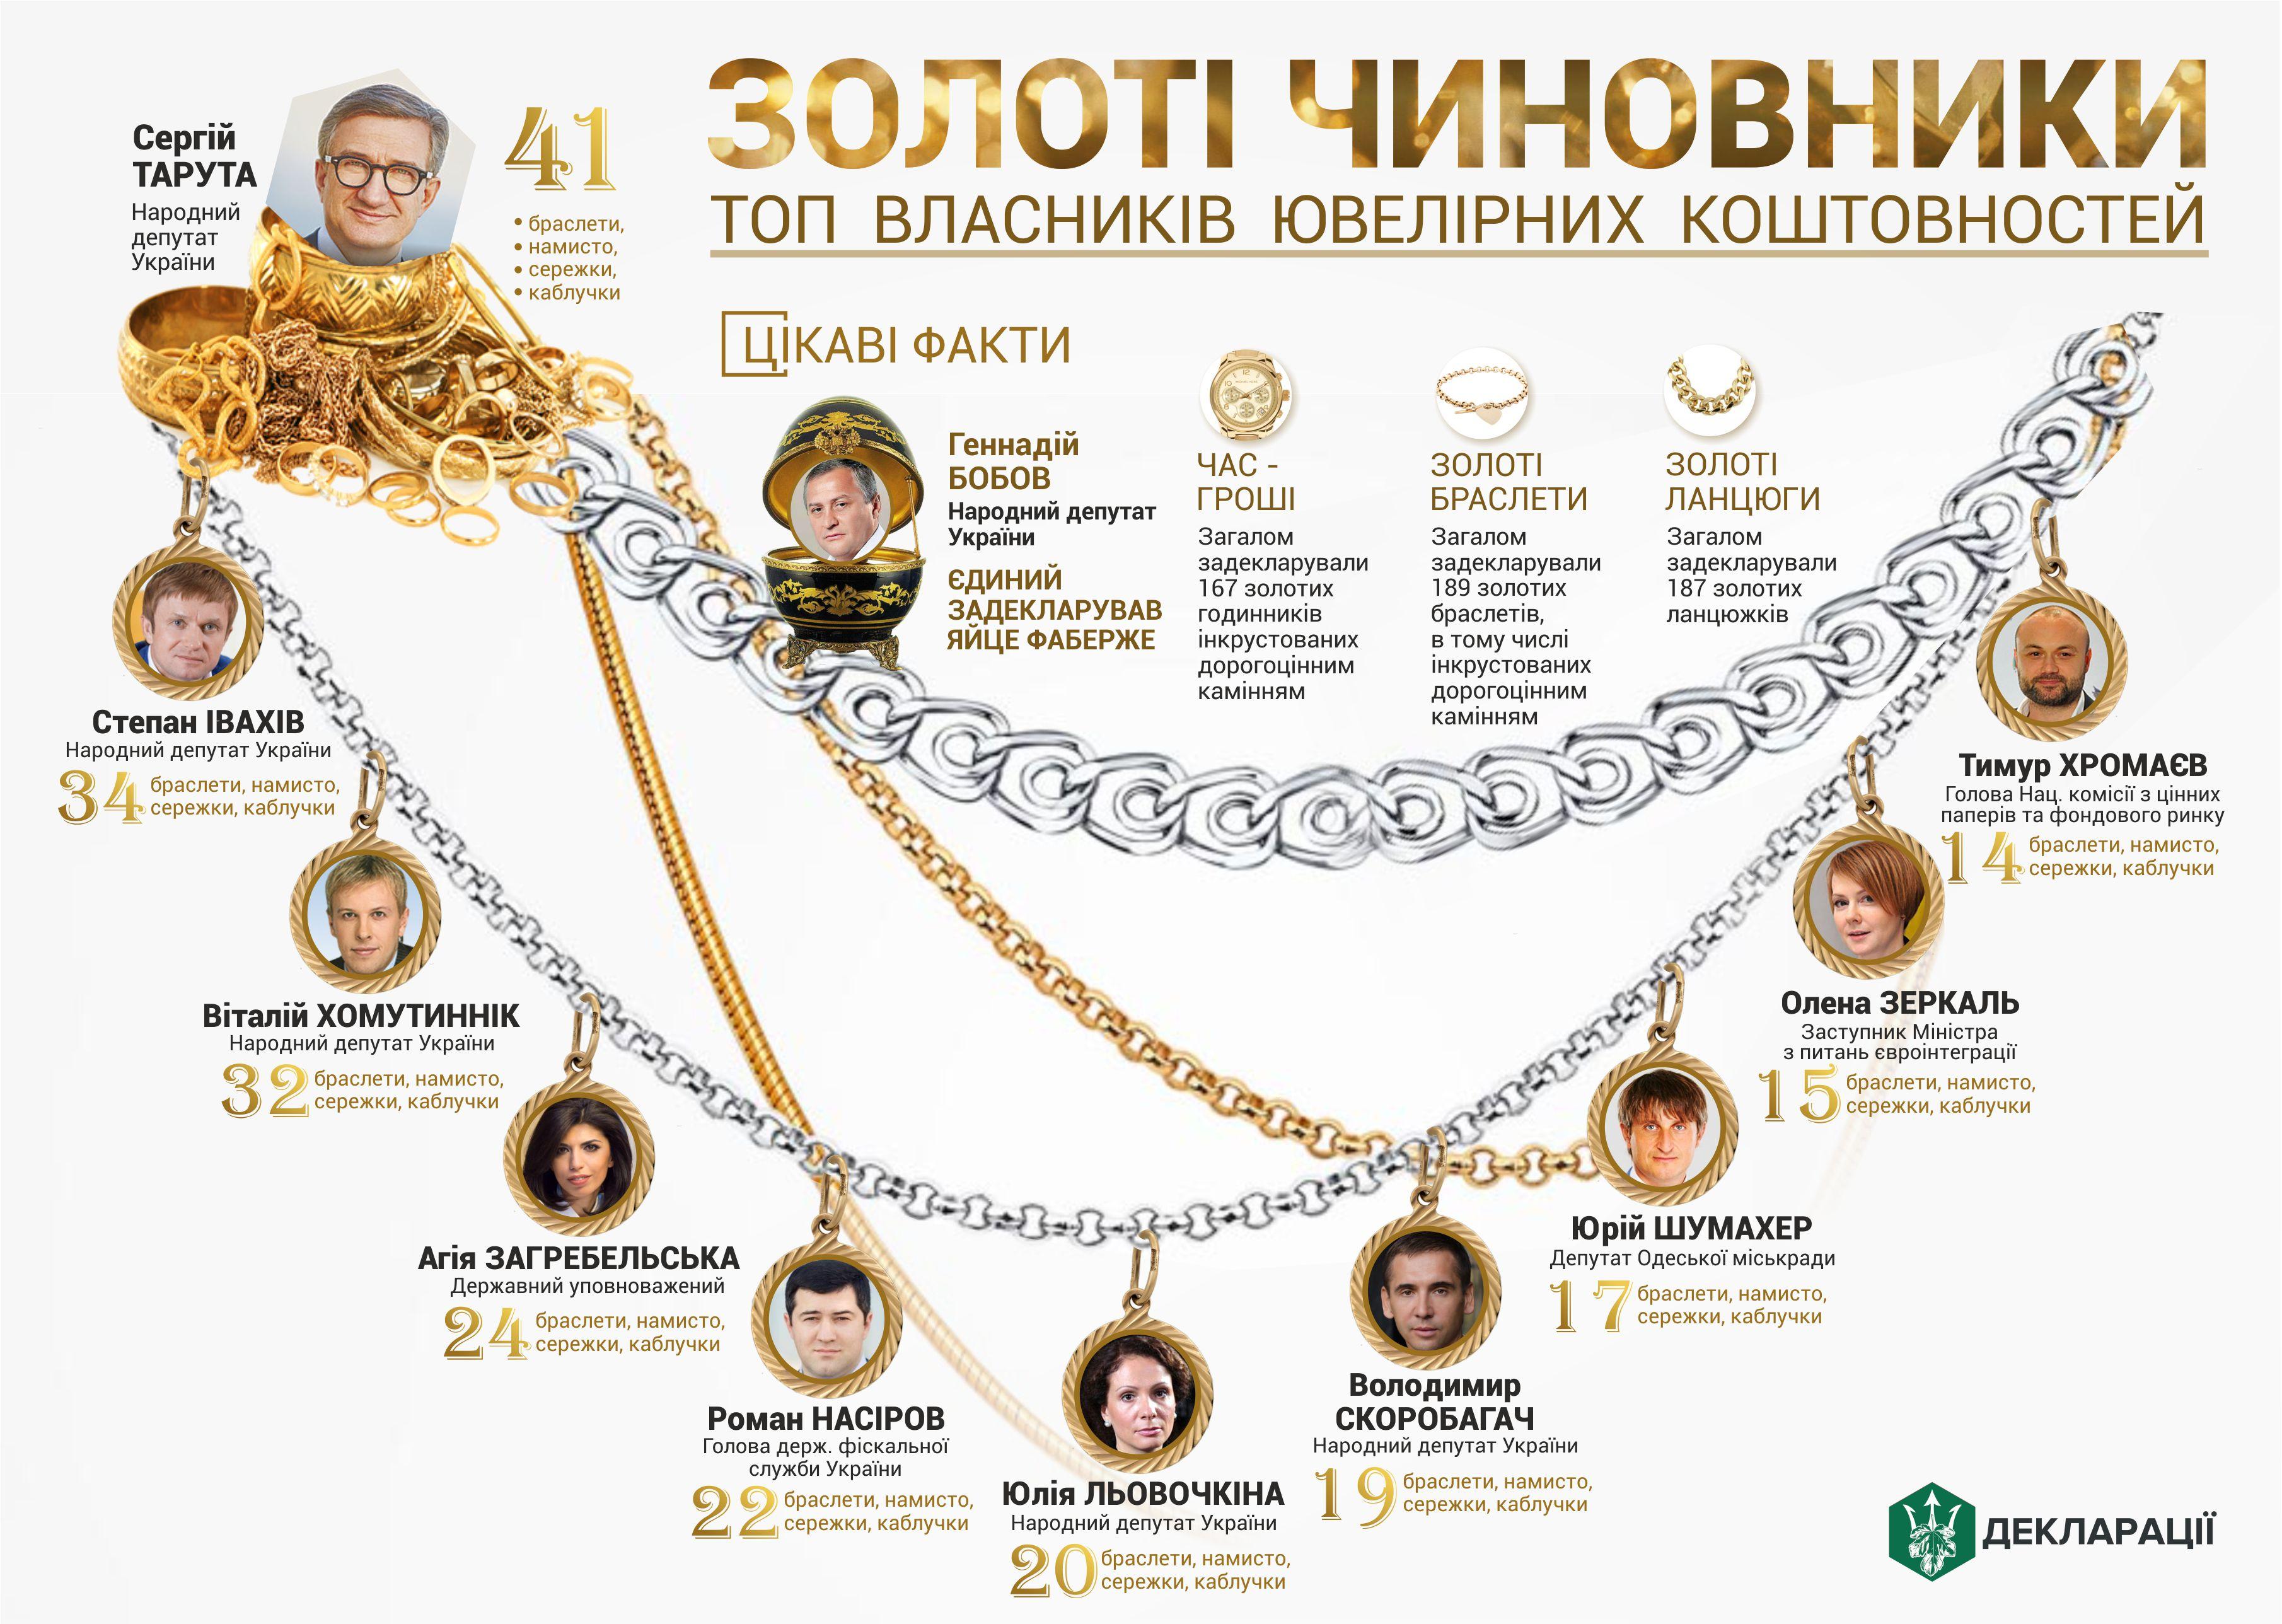 ЕС всегда старался скоординировать шаги по санкциям в отношение РФ с США, - Линкявичус - Цензор.НЕТ 7764